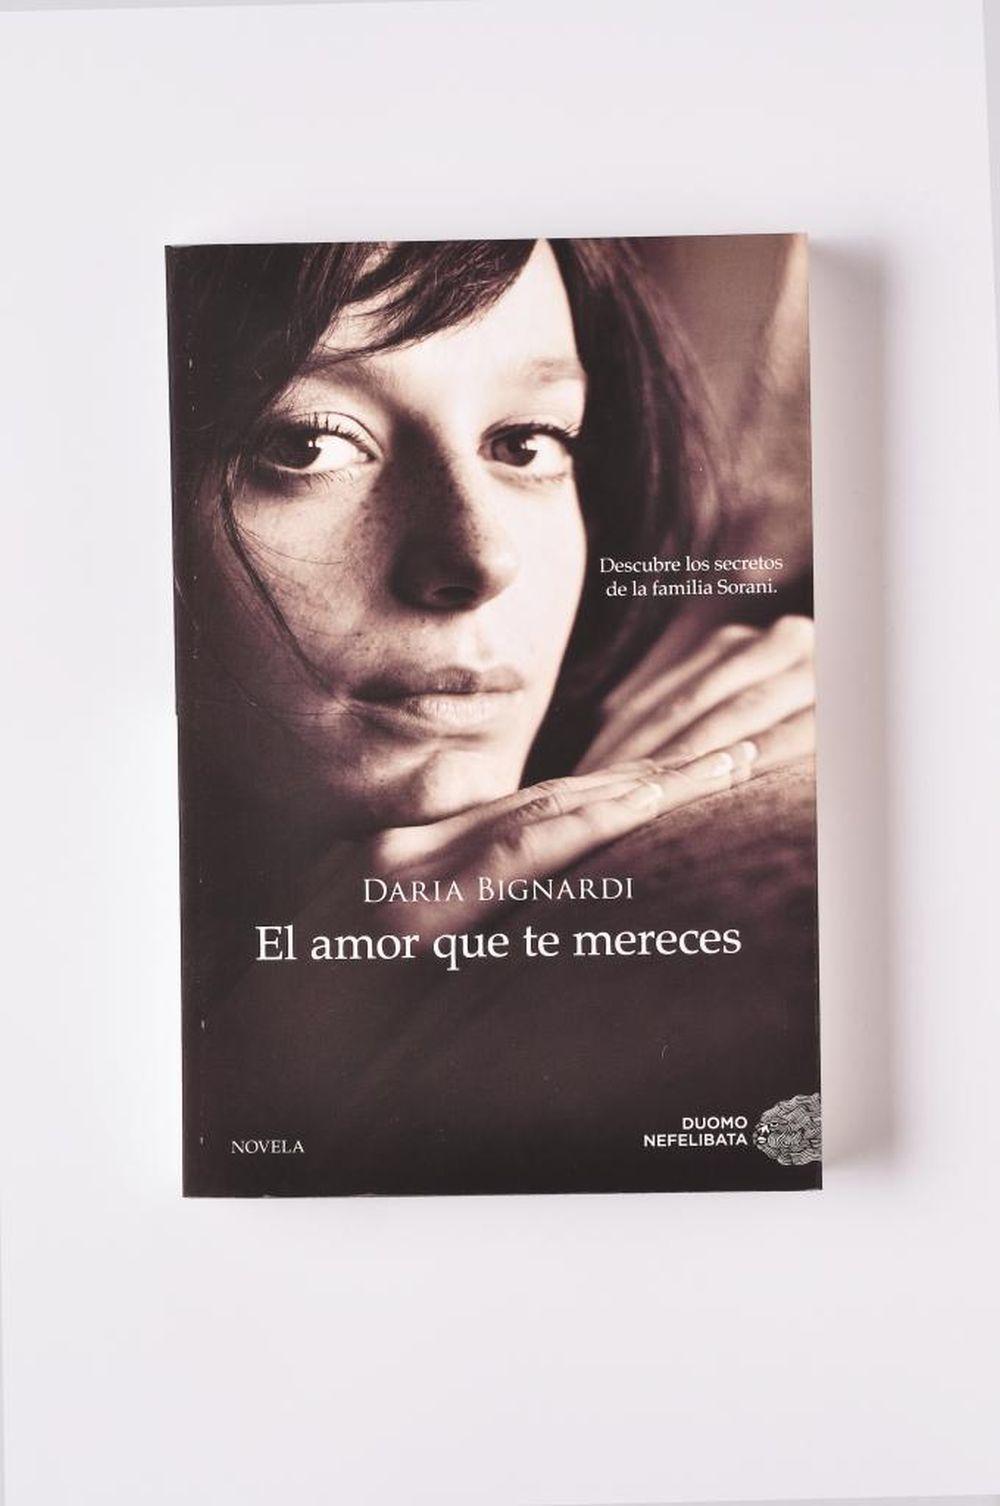 'El amor que te mereces', Daria Bignardi